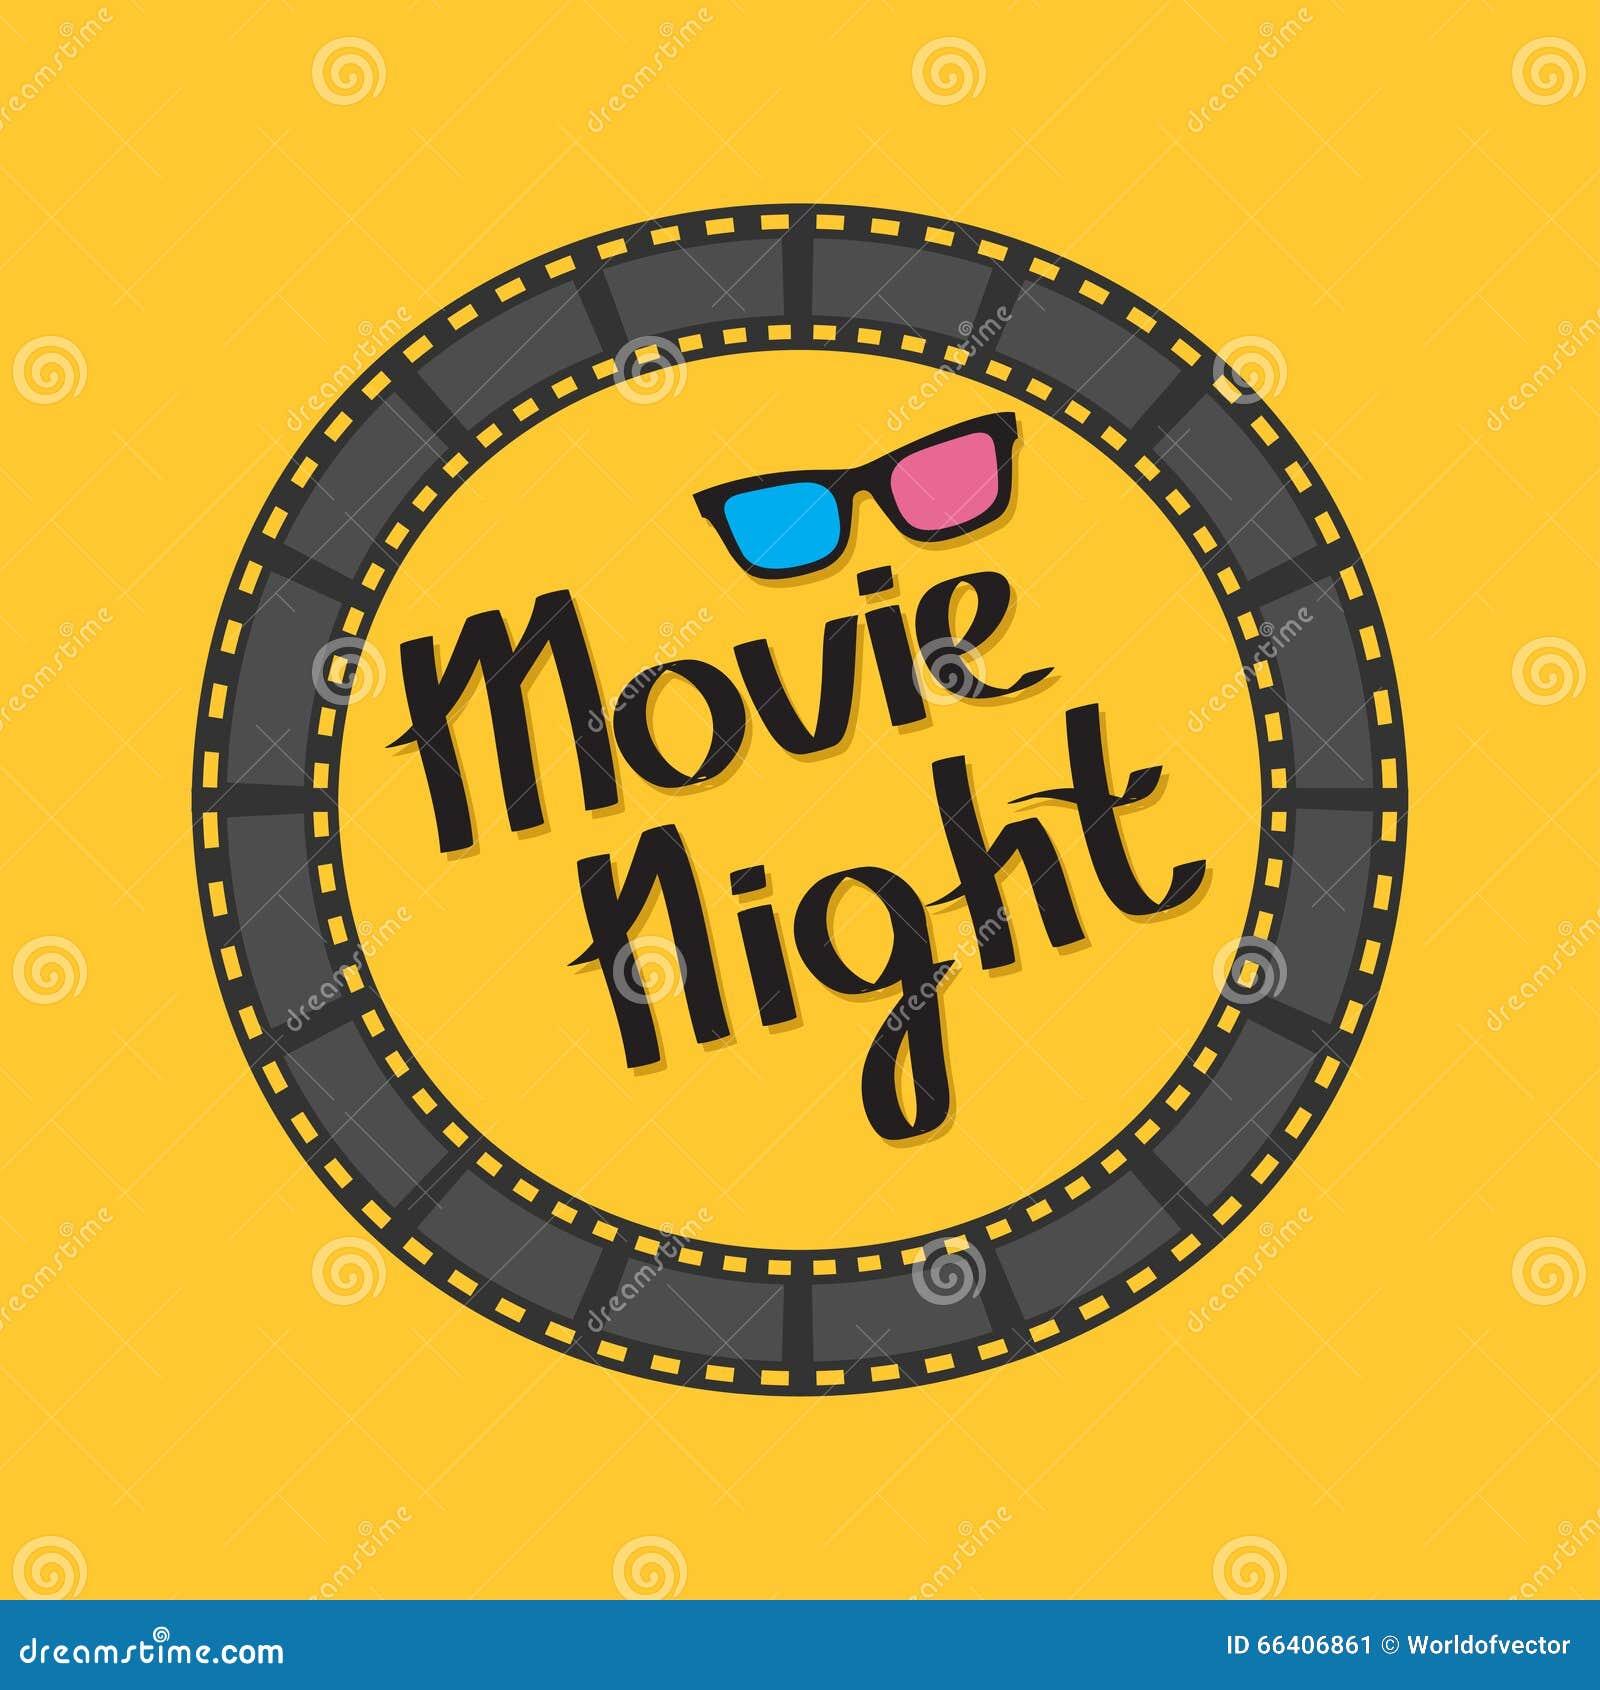 Cadre rond de cercle de bande de film glaces 3D Texte de soirée cinéma lettrage Fond jaune Conception plate